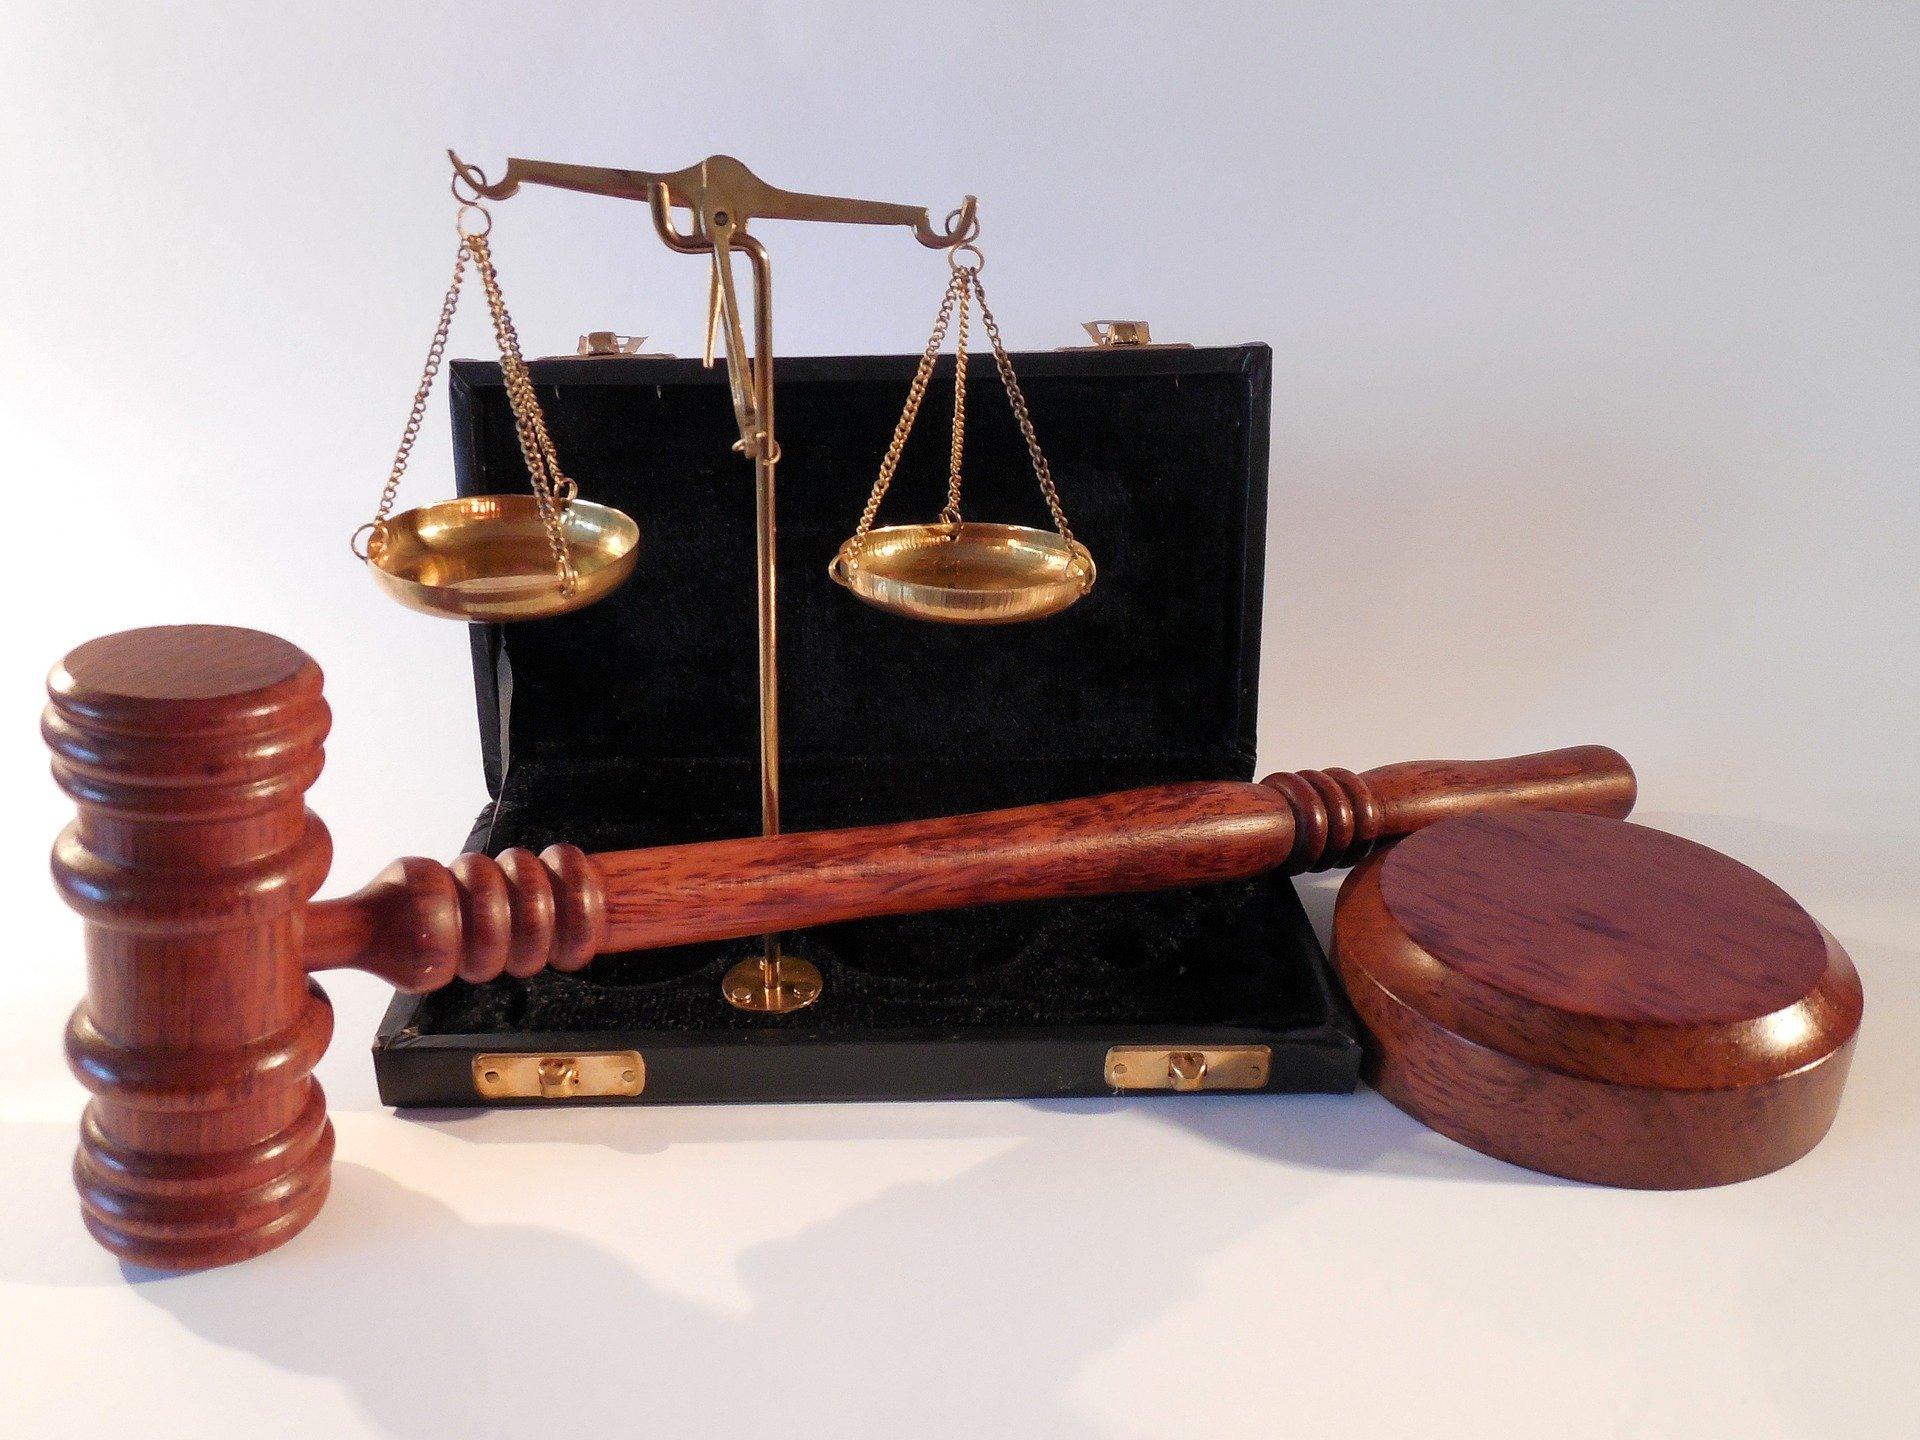 Июльские законы в РФ: изменения, которые коснутся многих